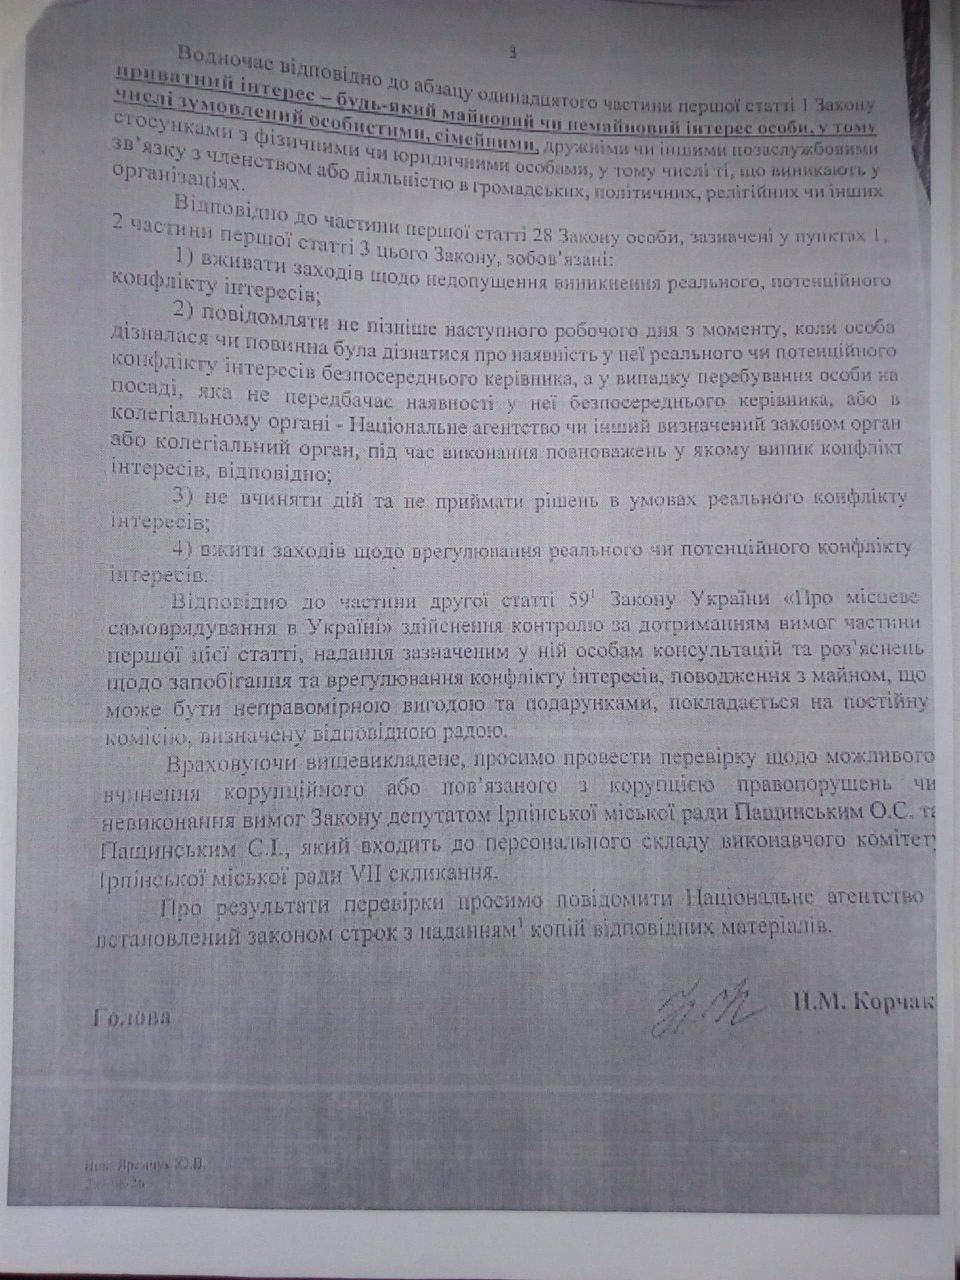 Карплюк роками присвоює бюджетні гроші Ірпеня, залучаючи до корупційних схем депутатів-поплічників